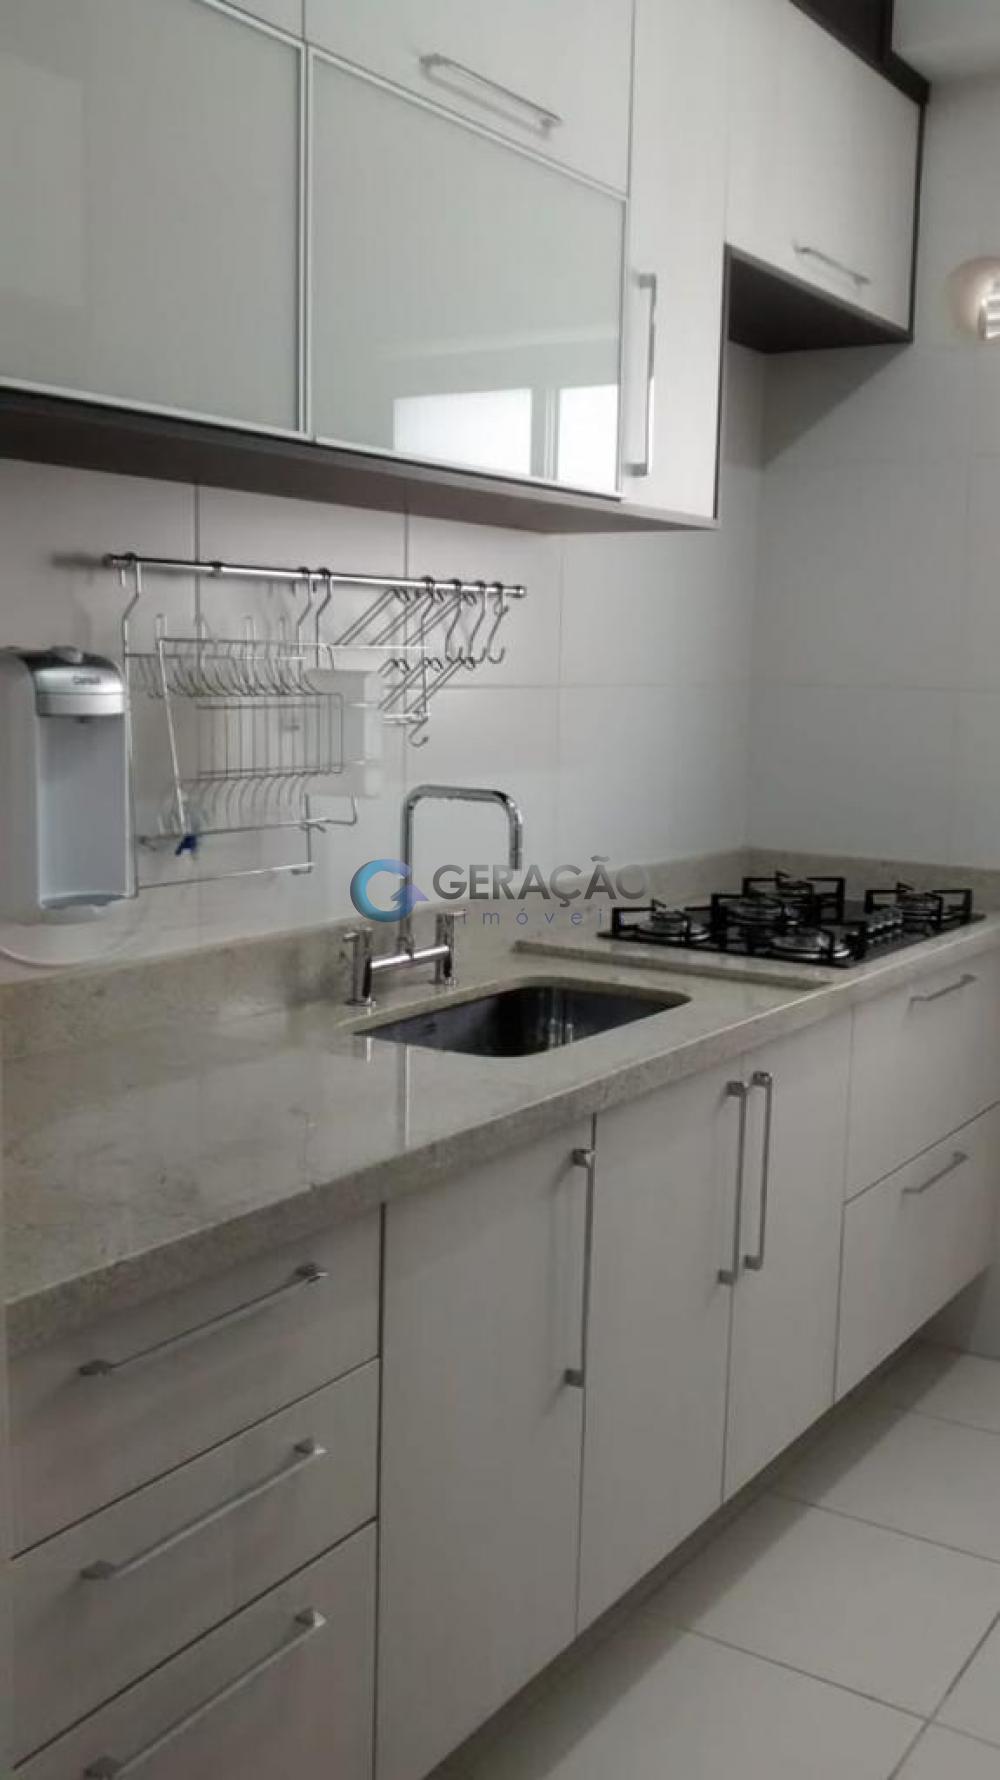 Comprar Apartamento / Padrão em São José dos Campos apenas R$ 690.000,00 - Foto 16